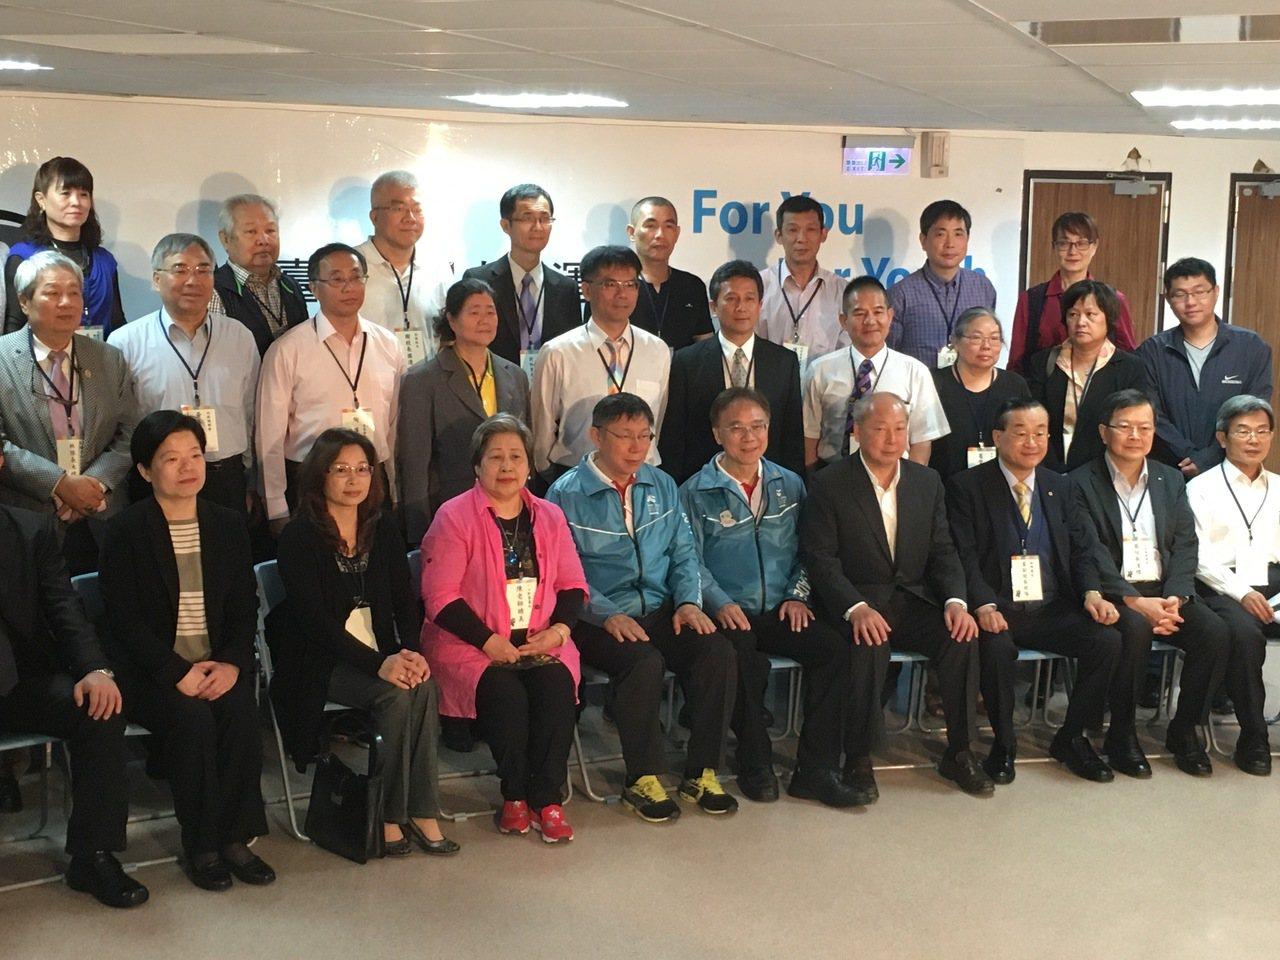 今天上午台北市長柯文哲前往北投區行政中心舉行行動市政會議。記者張世杰/攝影